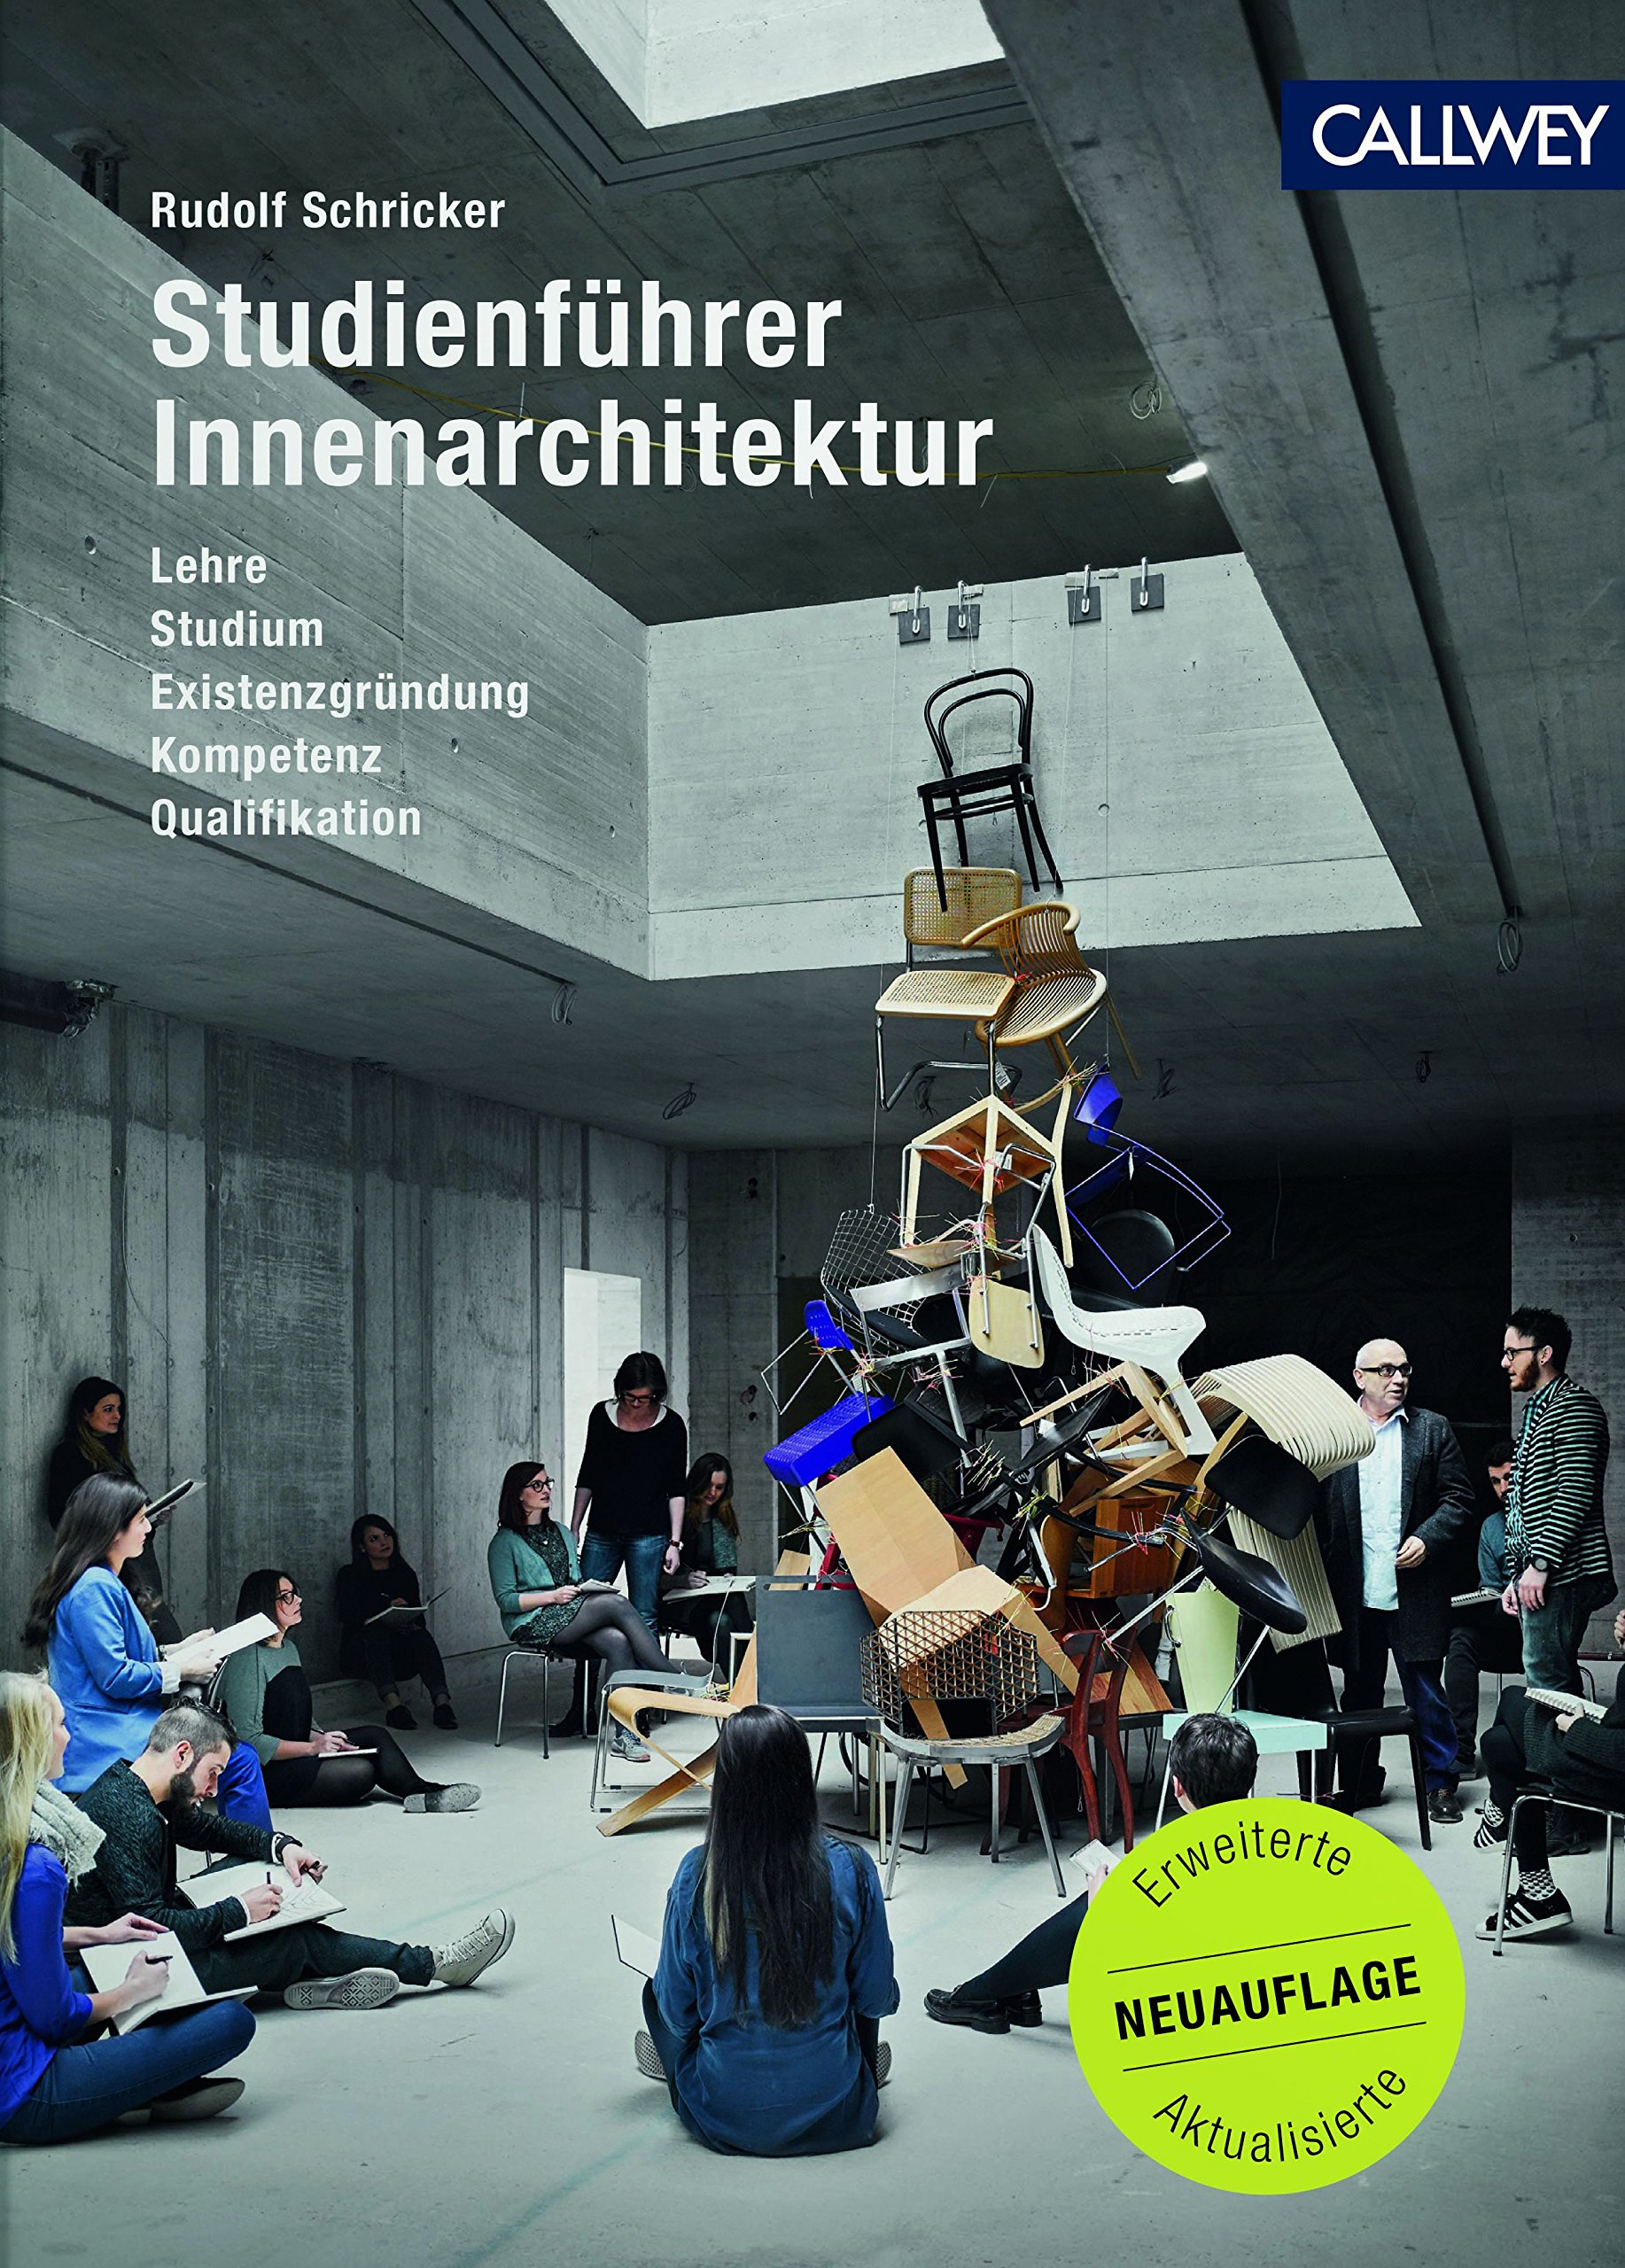 Innenarchitektur studium voraussetzungen  Studienführer Innenarchitektur: Lehre, Studium, Existenzgründung ...